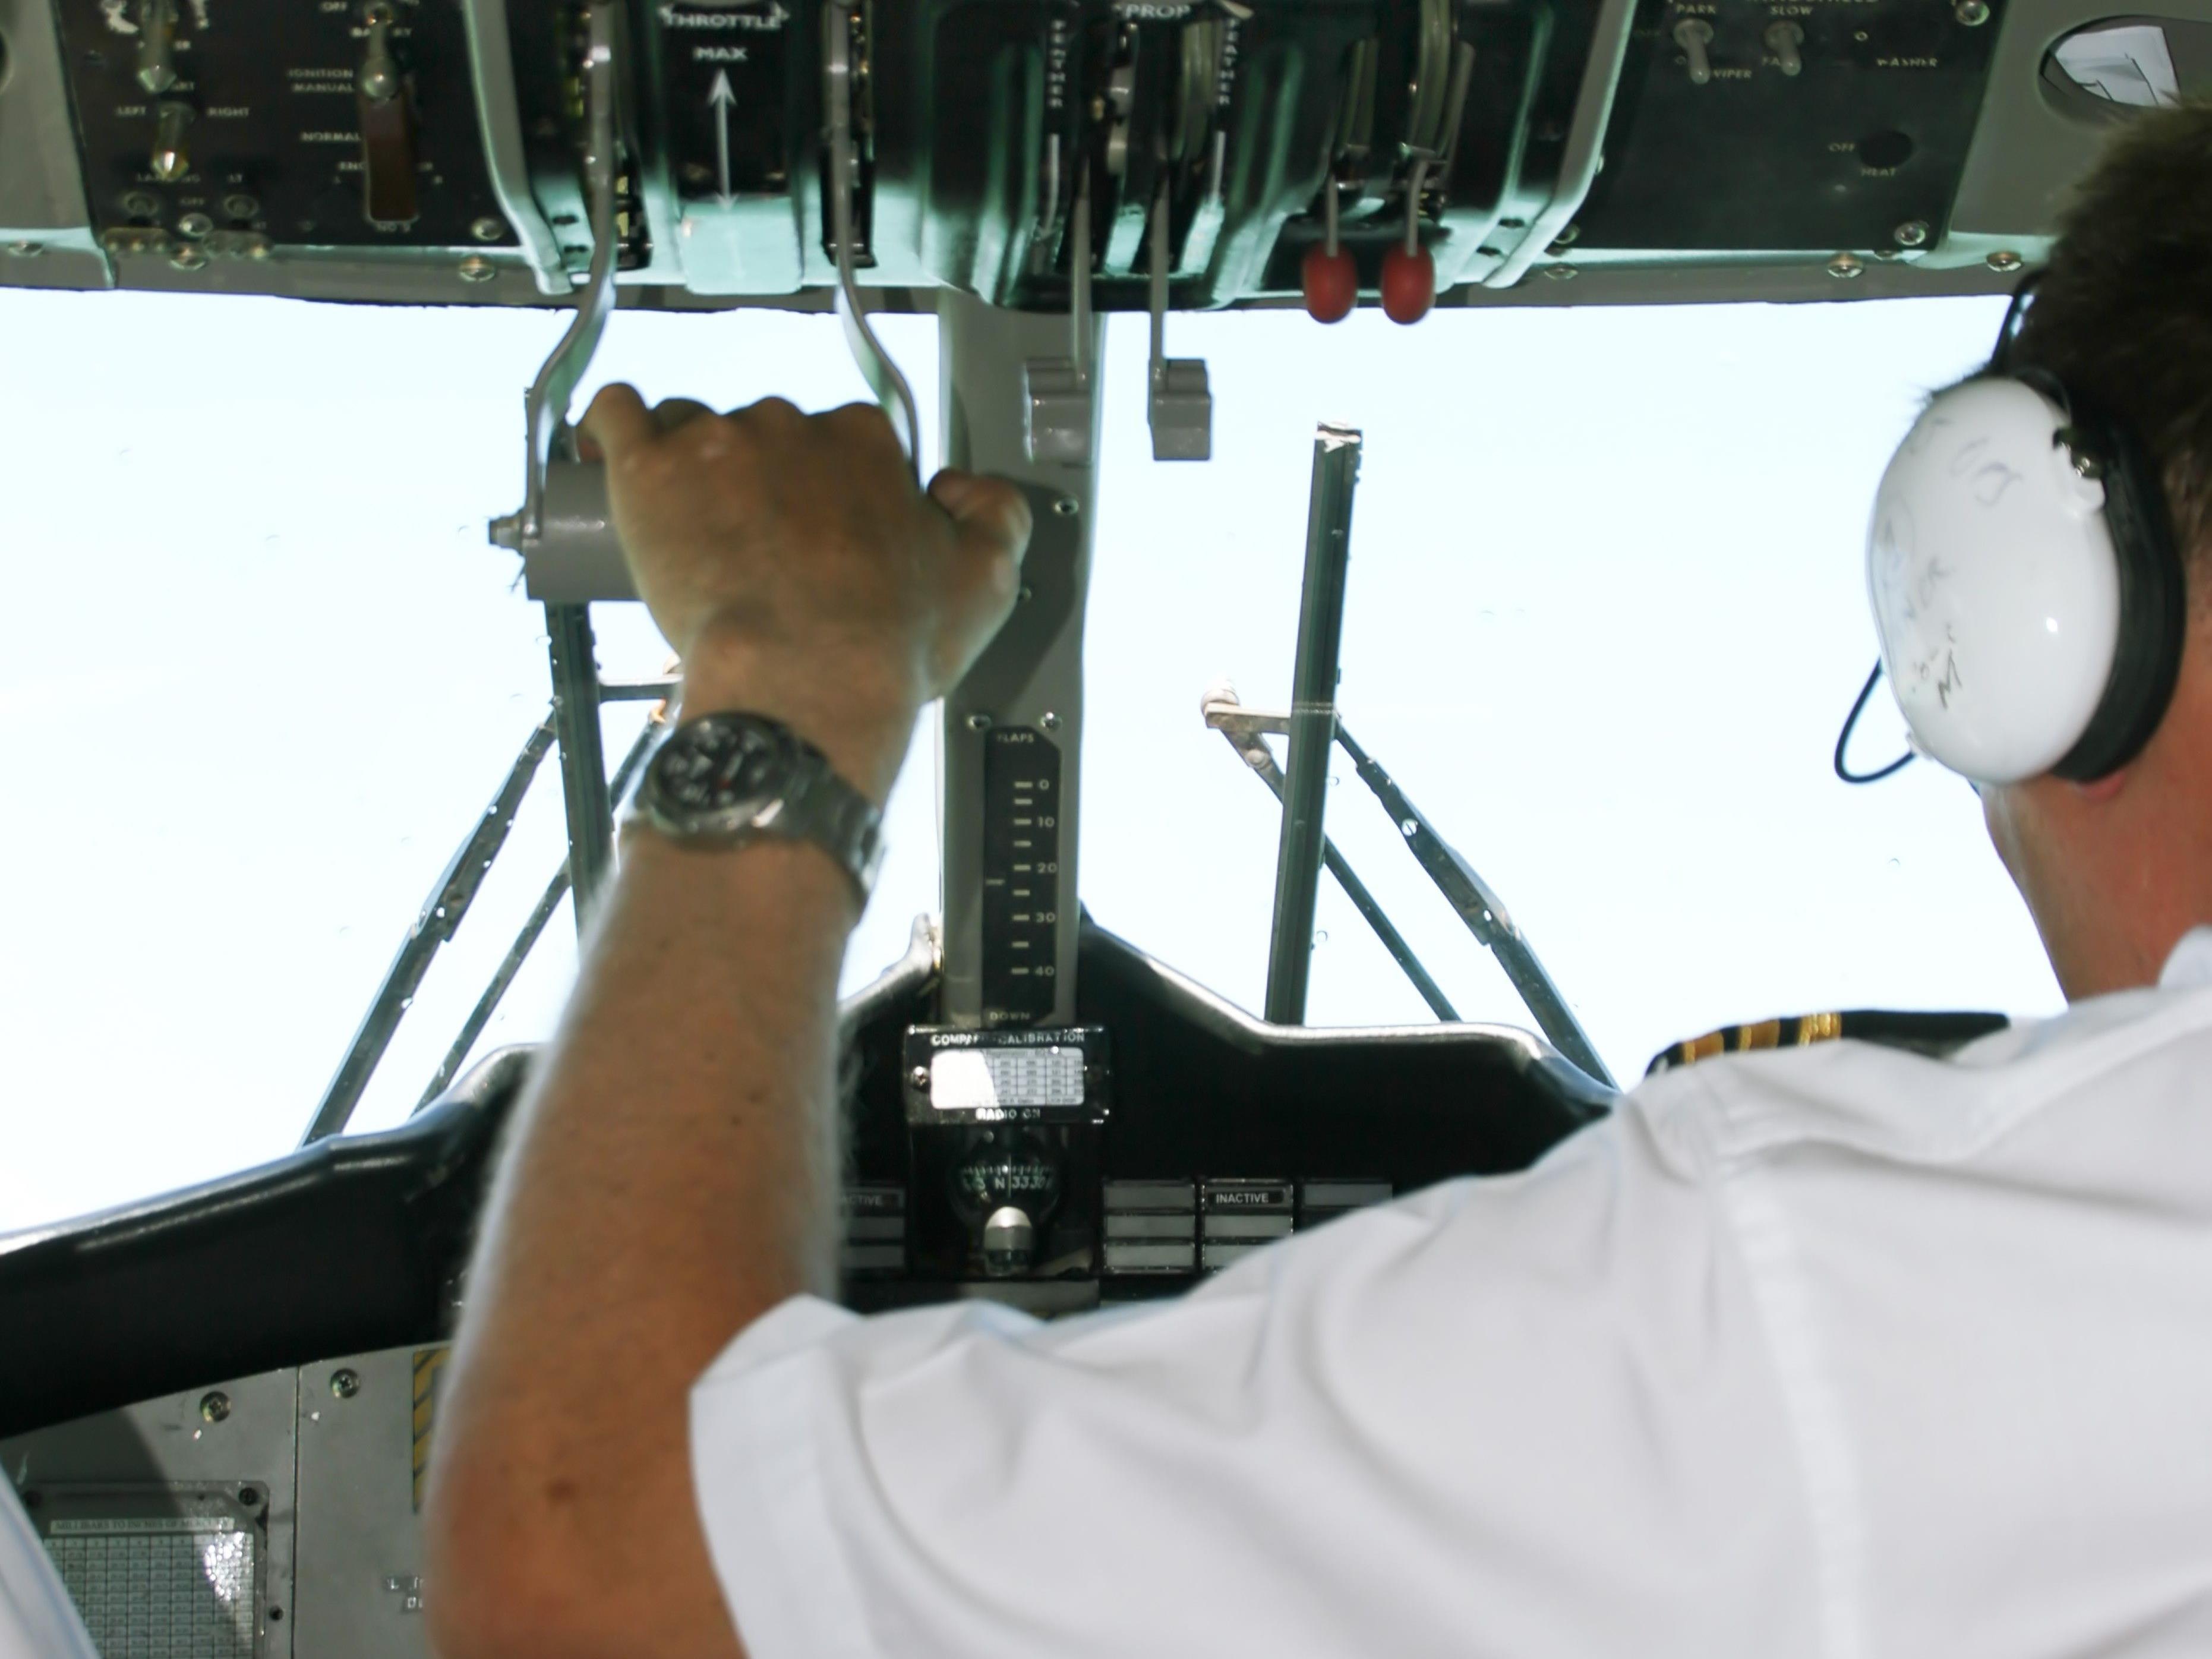 Müdigkeit im Cockpit wird zum Sicherheitsrisiko.